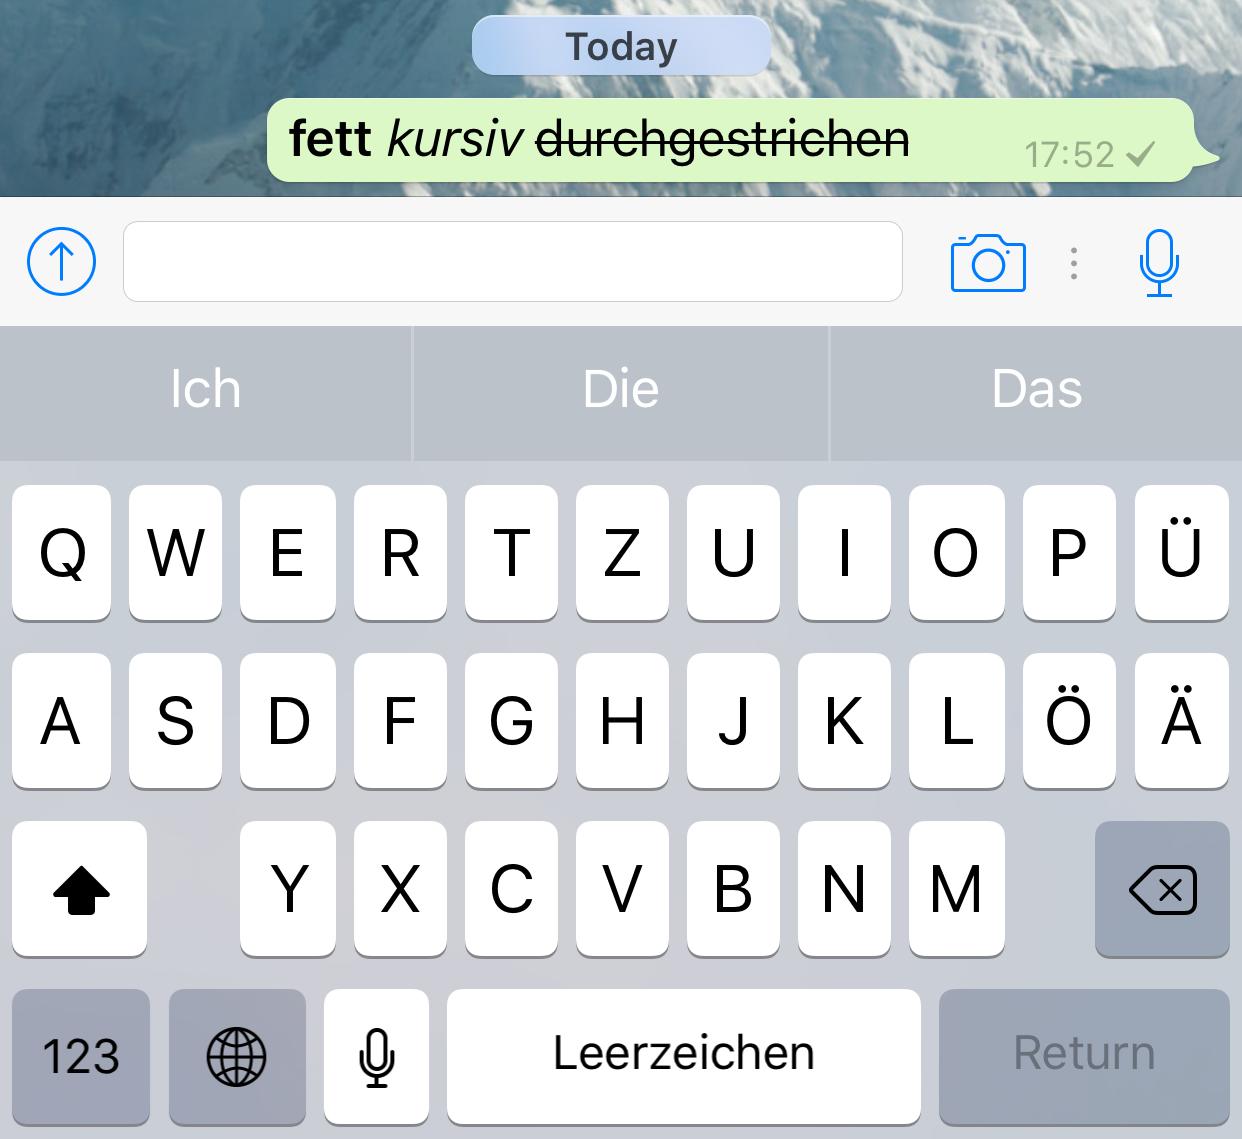 Whatsapp Text In Fett Kursiv Durchgestrichen Schreiben L Weblogit